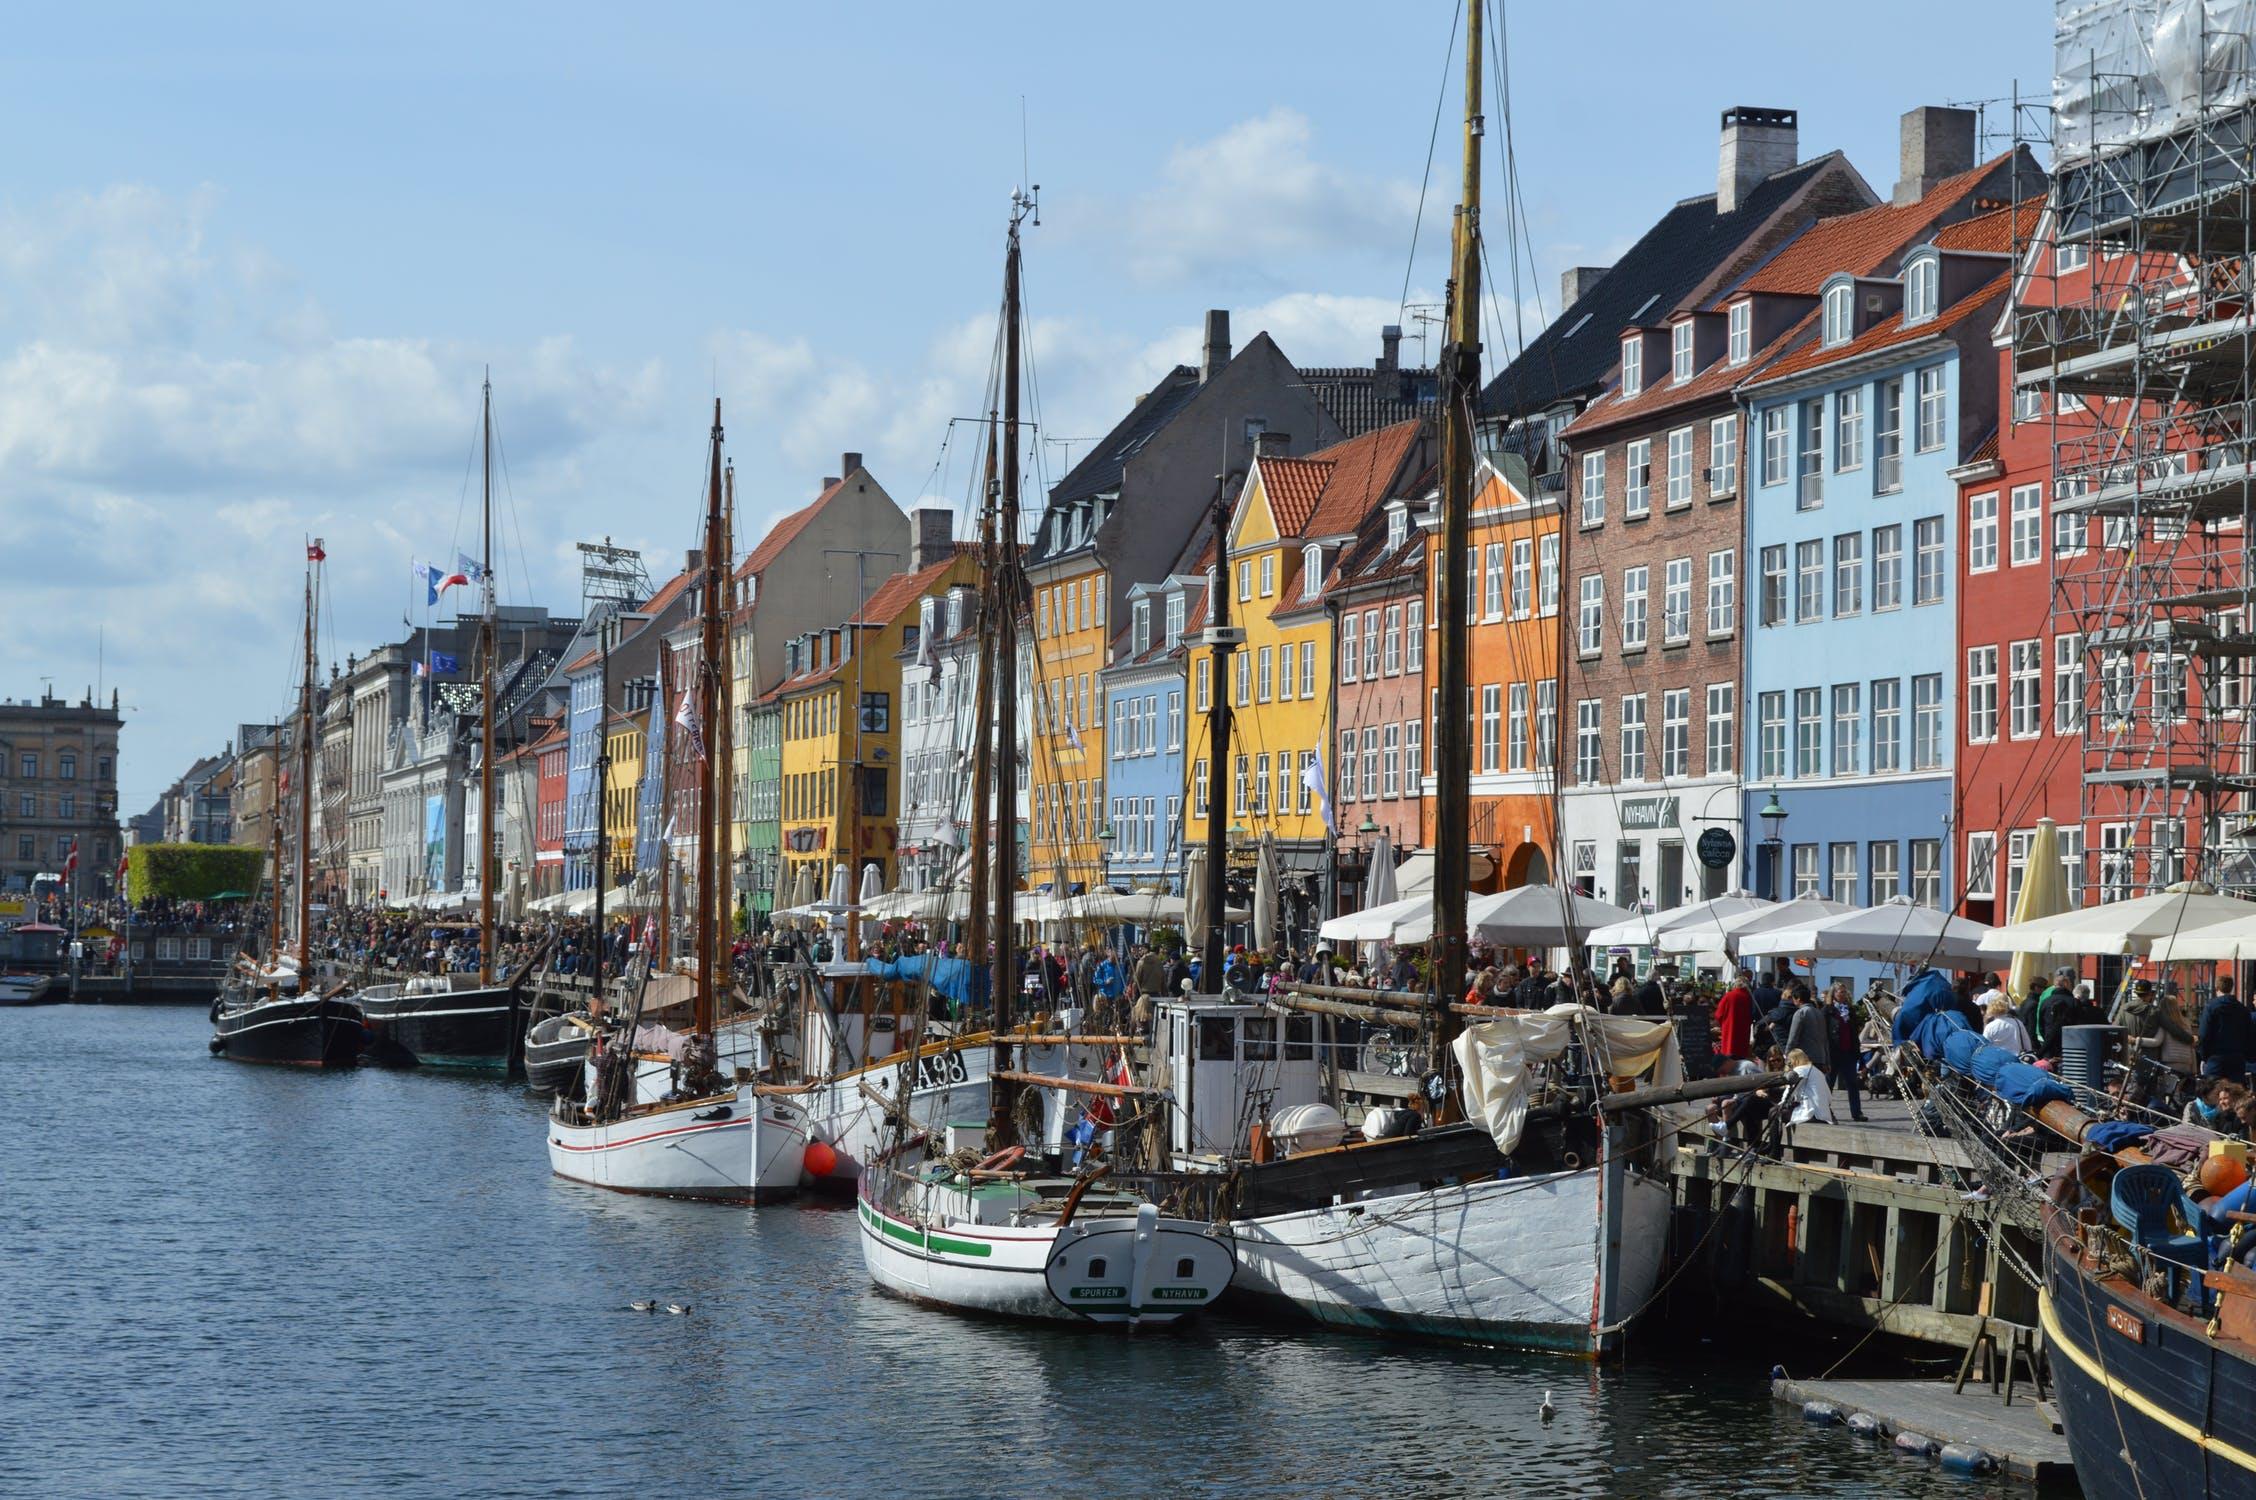 丹麦2018年游客人数将刷新纪录,未来四年新增8千间酒店客房以满足住宿需求